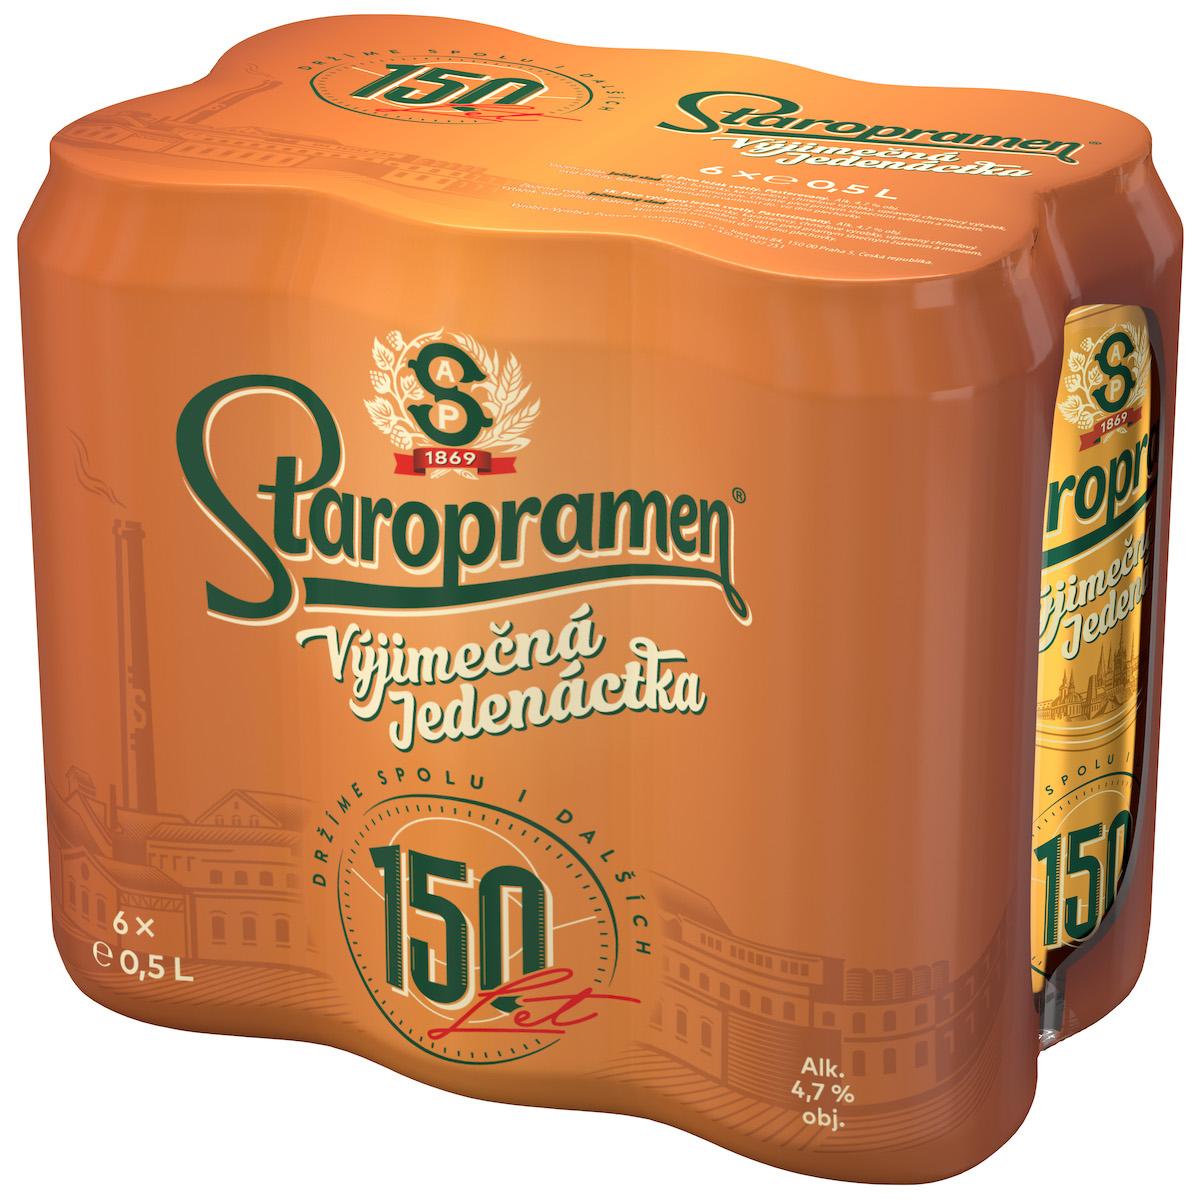 Jedno z balení, které připomíná 150 let pivovaru